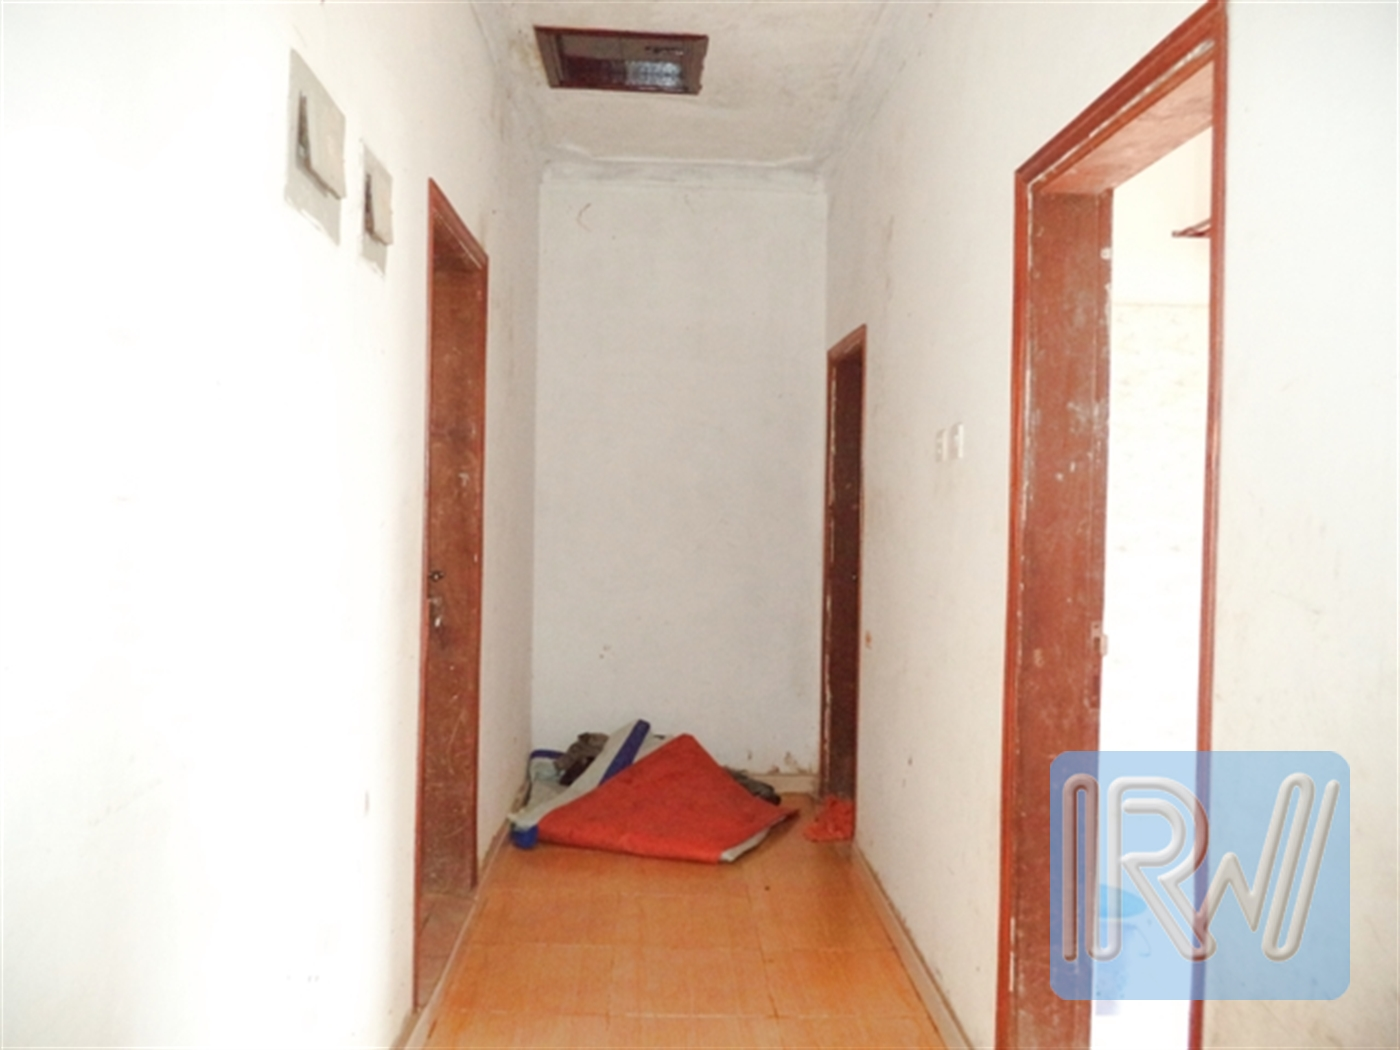 Corridor (Hallway)